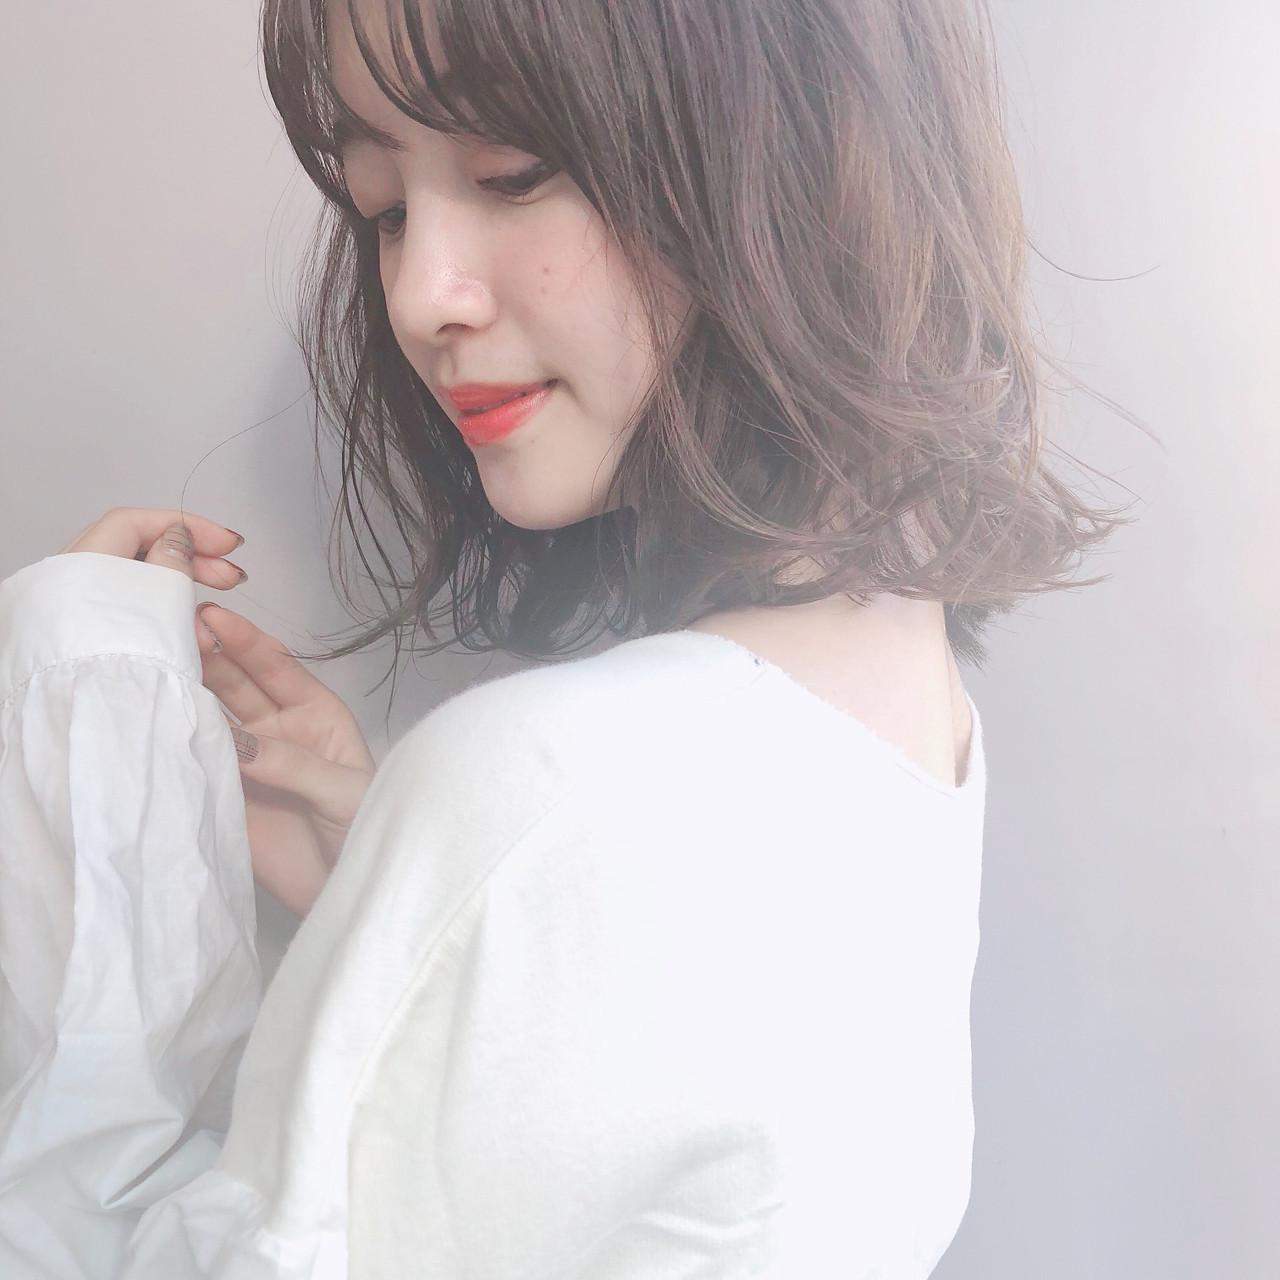 簡単ヘアアレンジ ゆるふわ アンニュイほつれヘア フェミニン ヘアスタイルや髪型の写真・画像